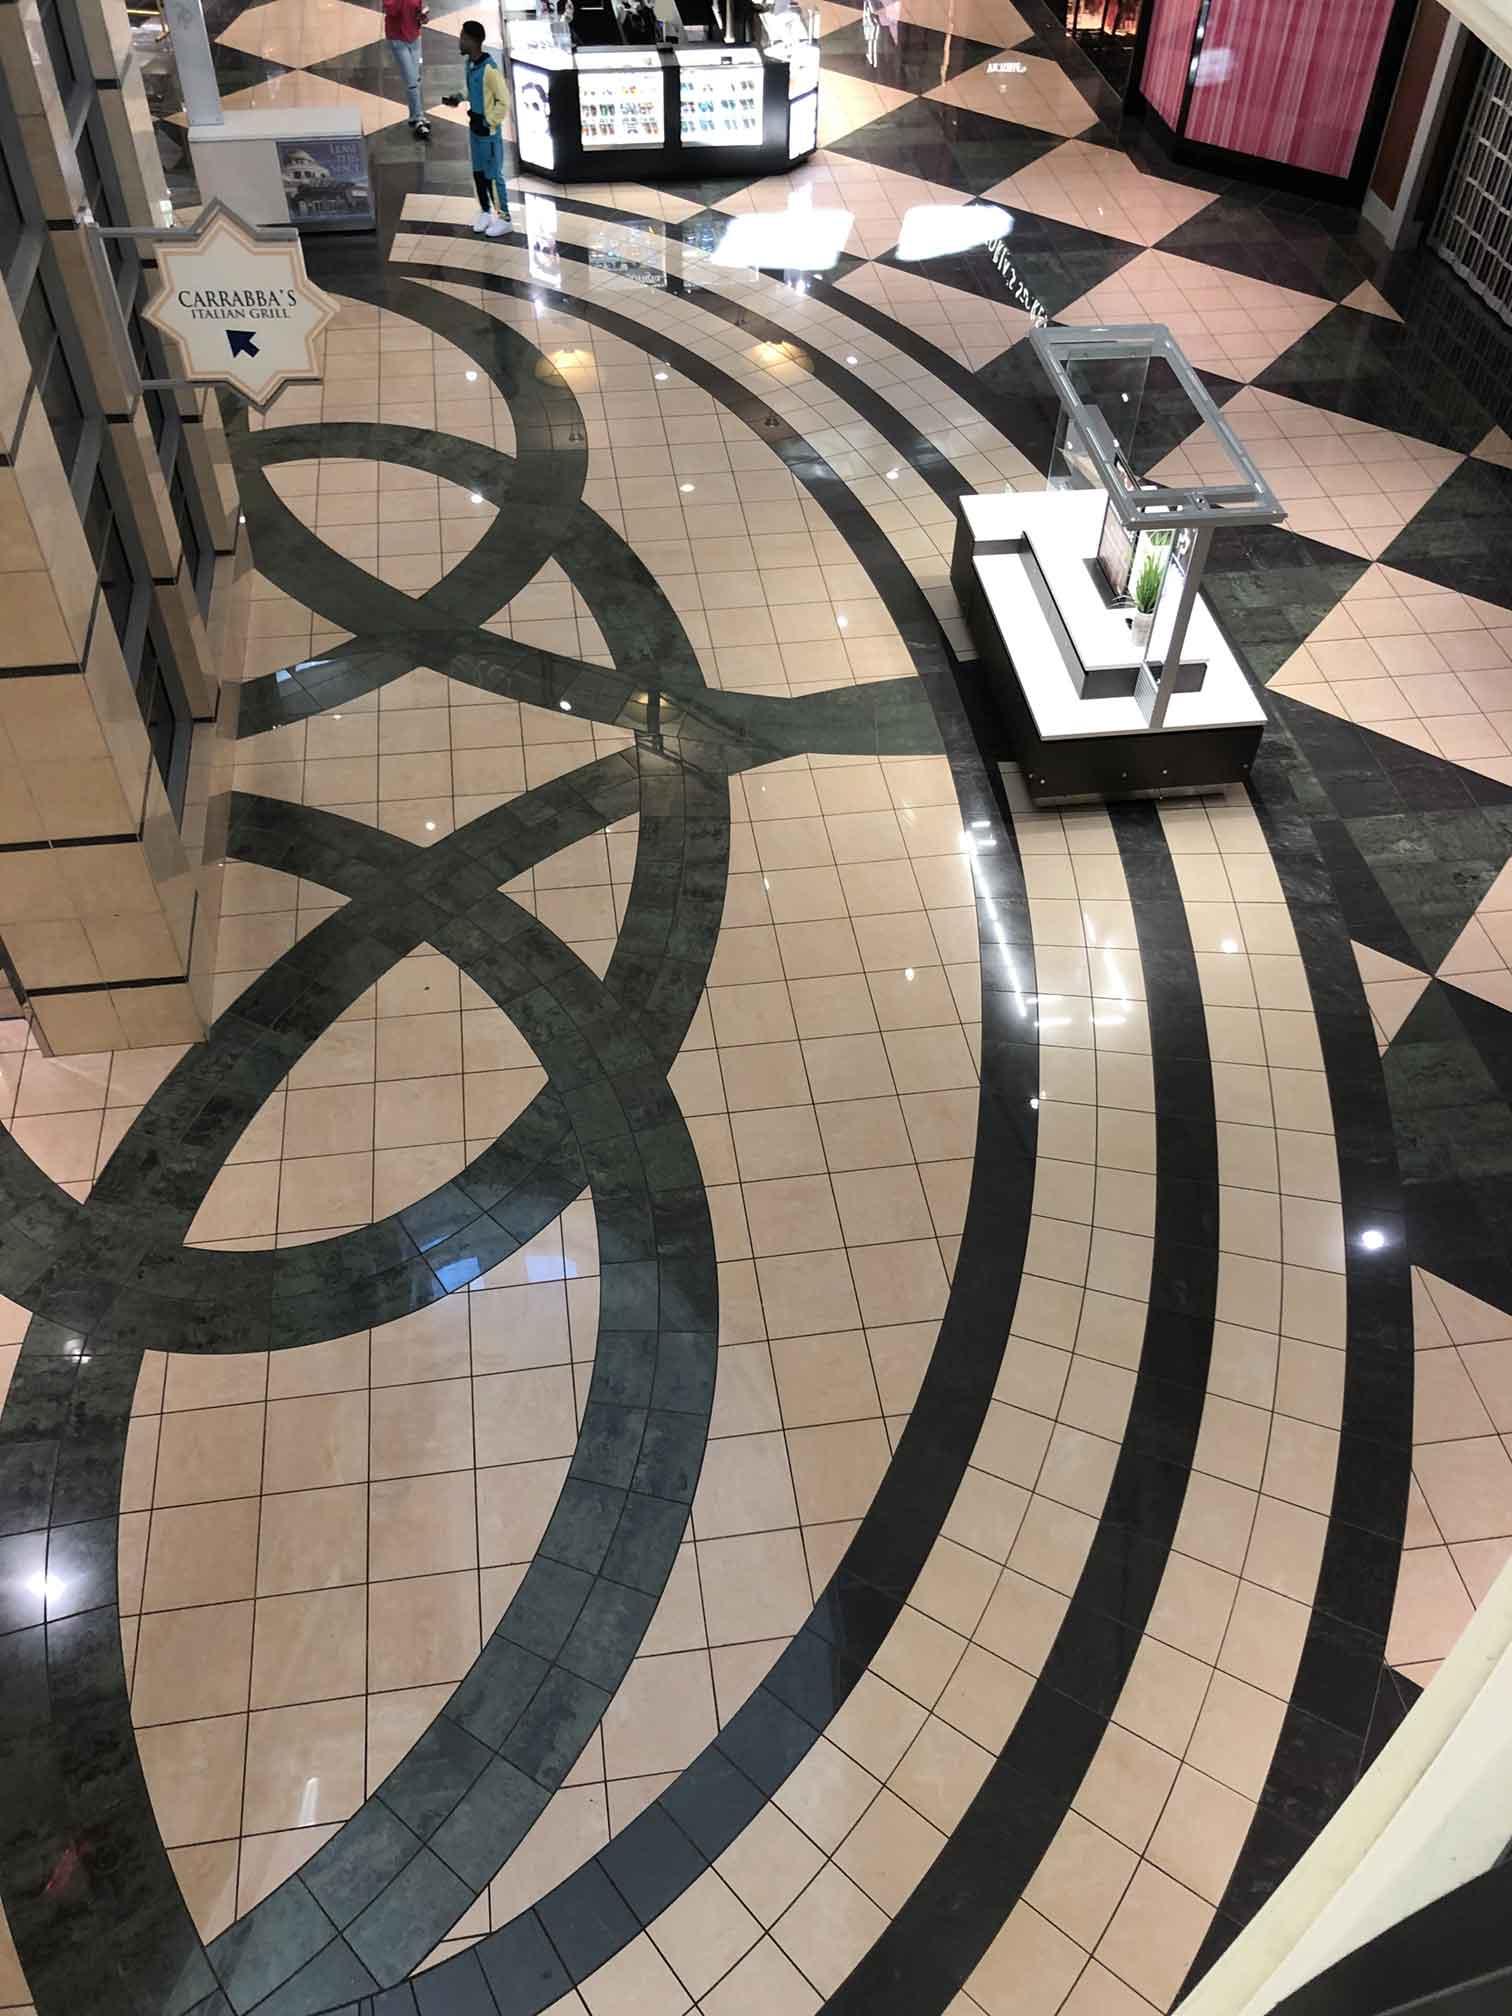 Madison square mall